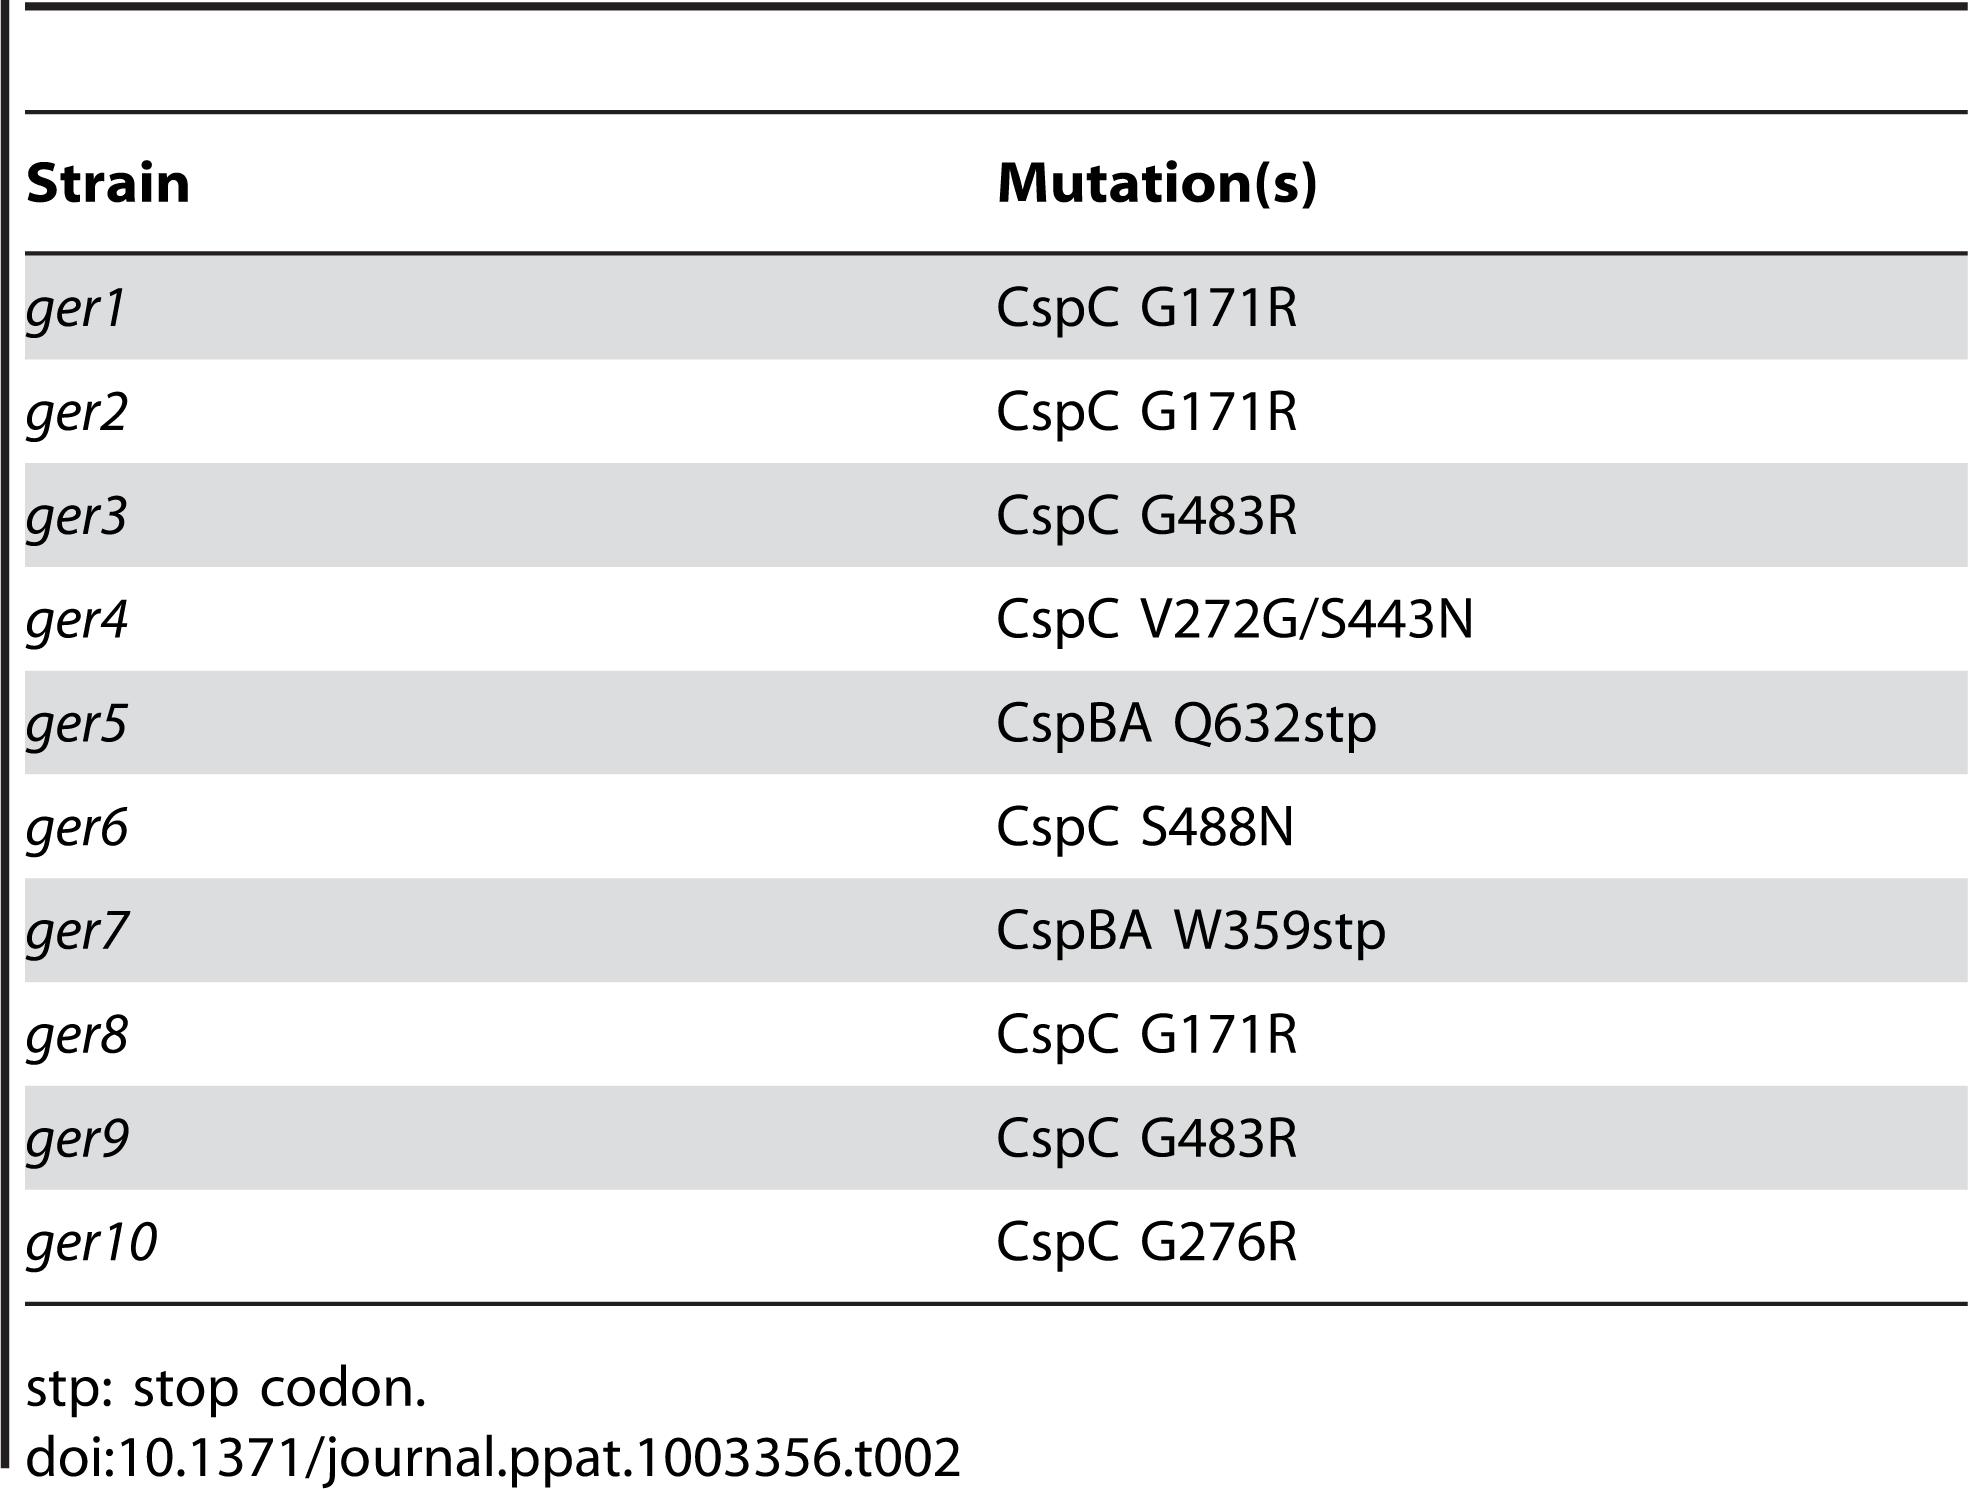 Locations of <i>C. difficile cspBAC</i> mutations in the <i>ger</i> mutants.